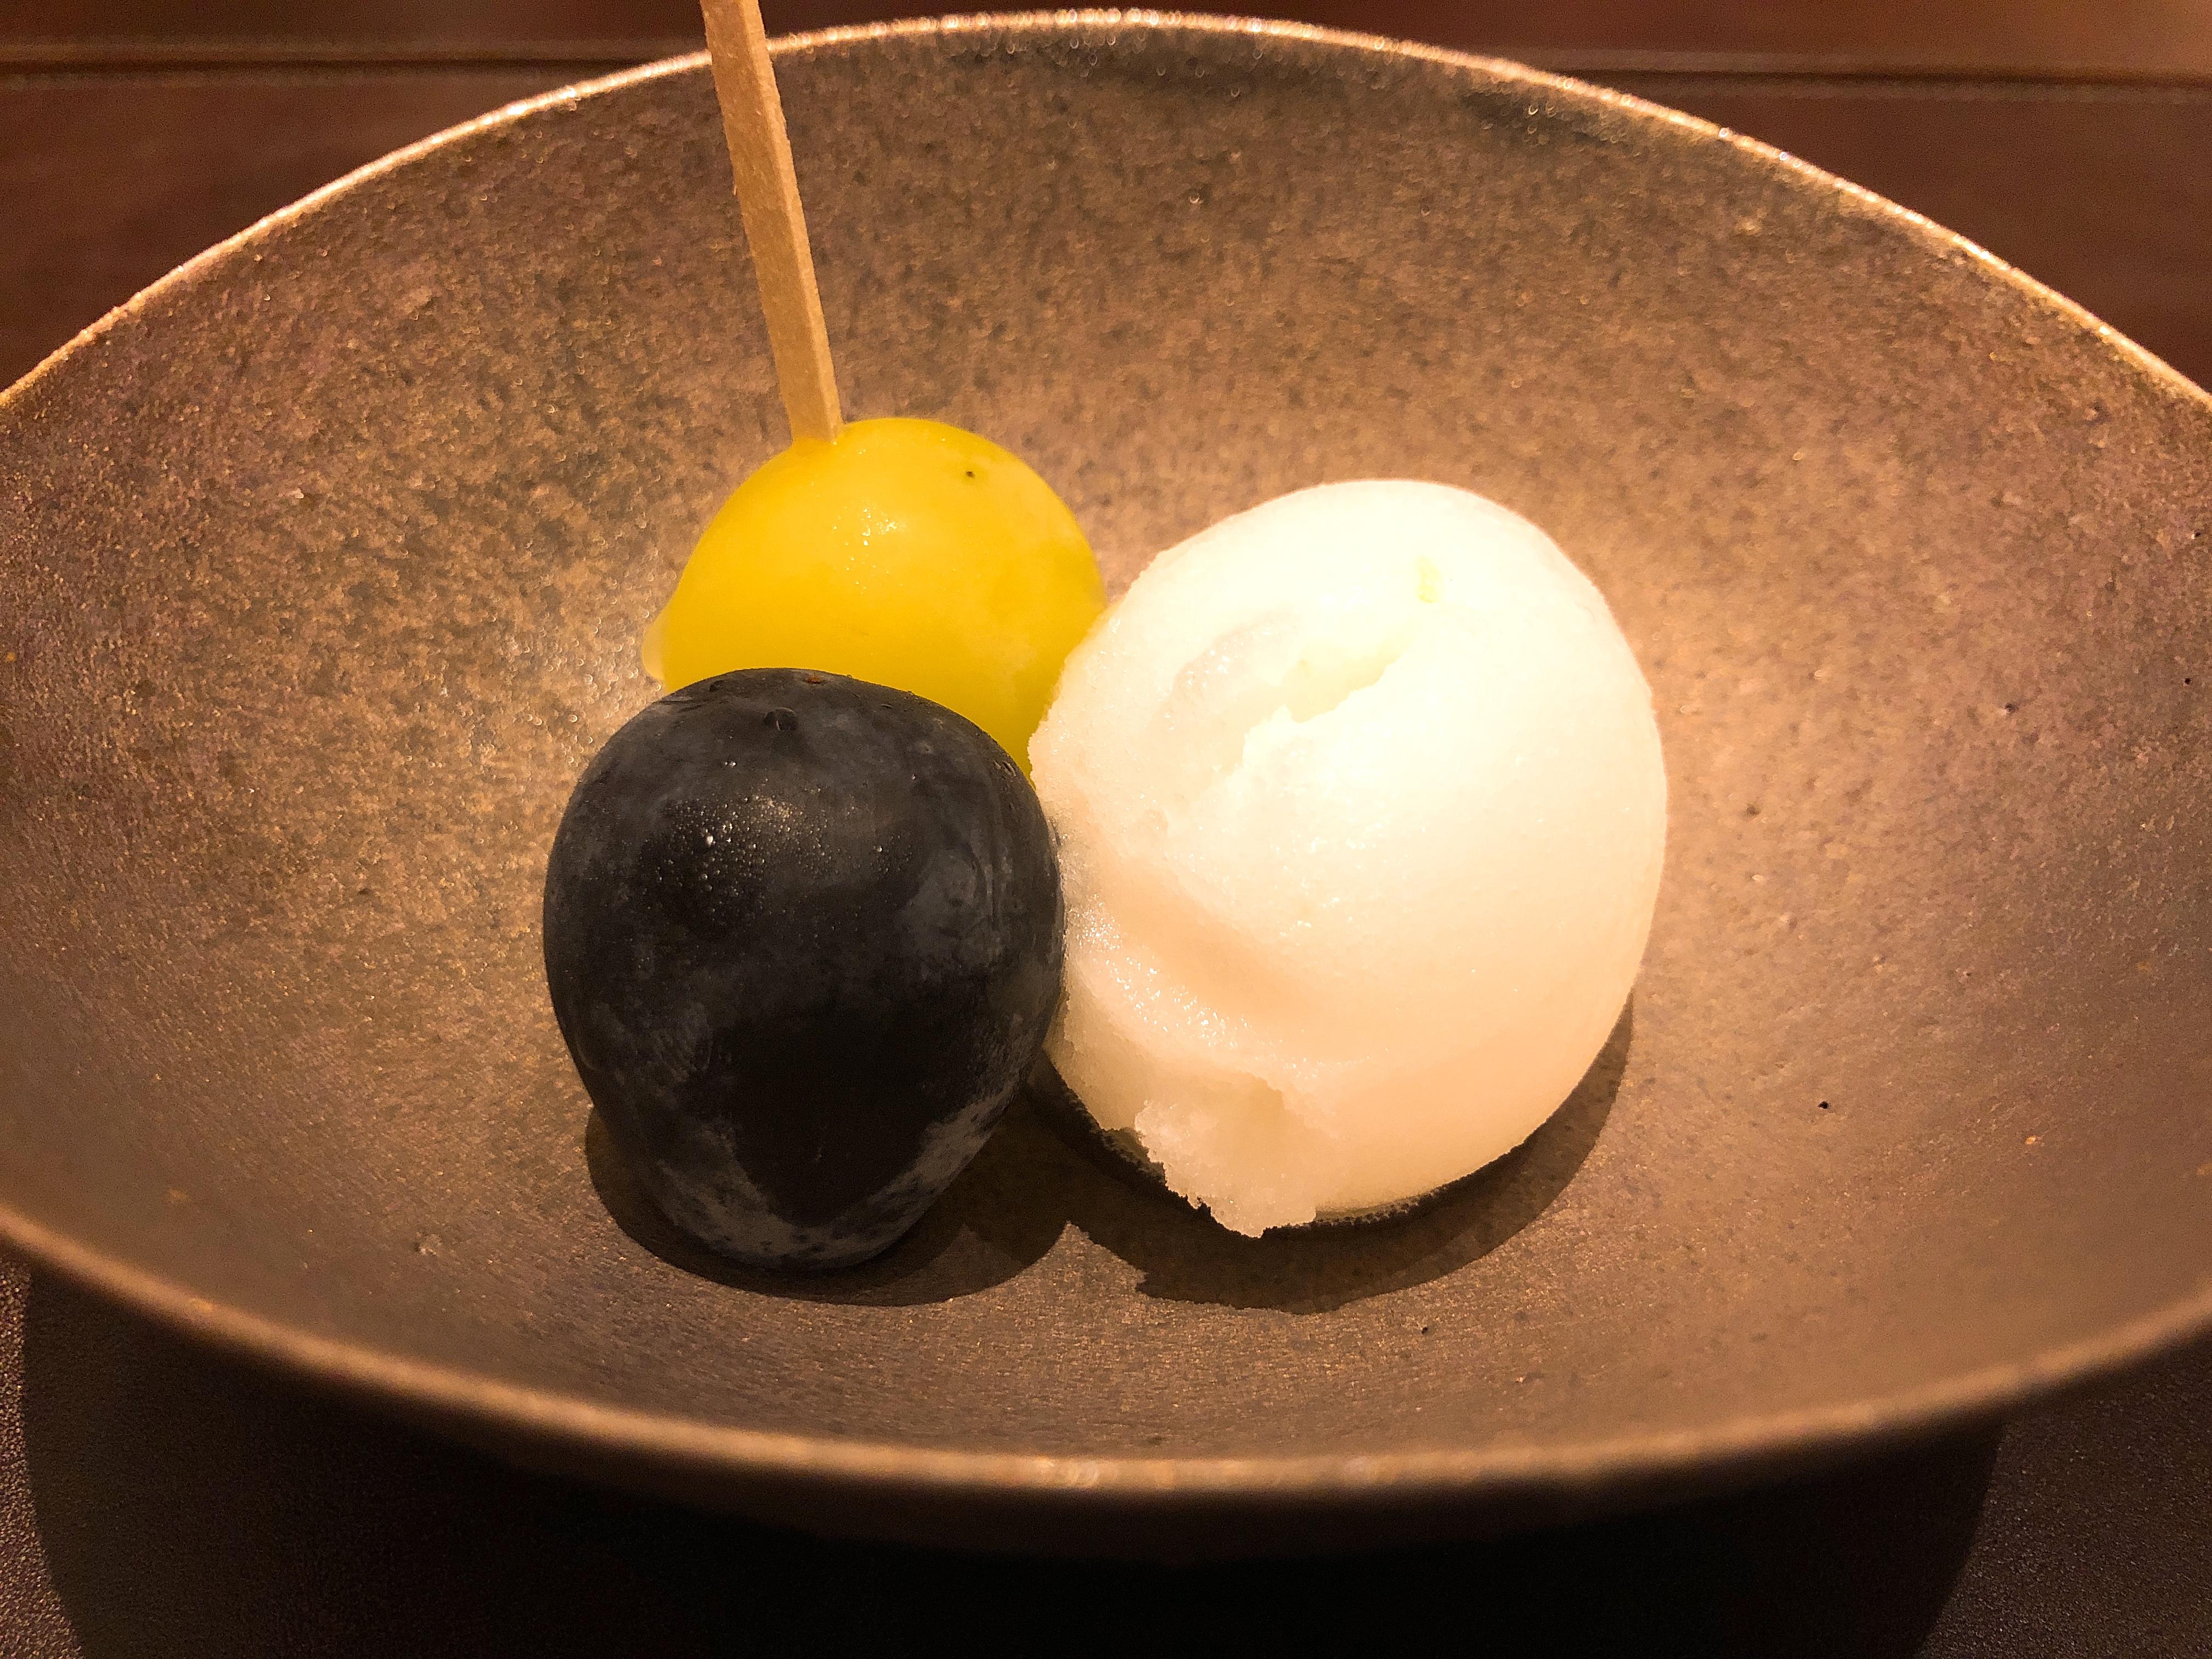 シャインマスカット+ナガノパープル+ソルベ